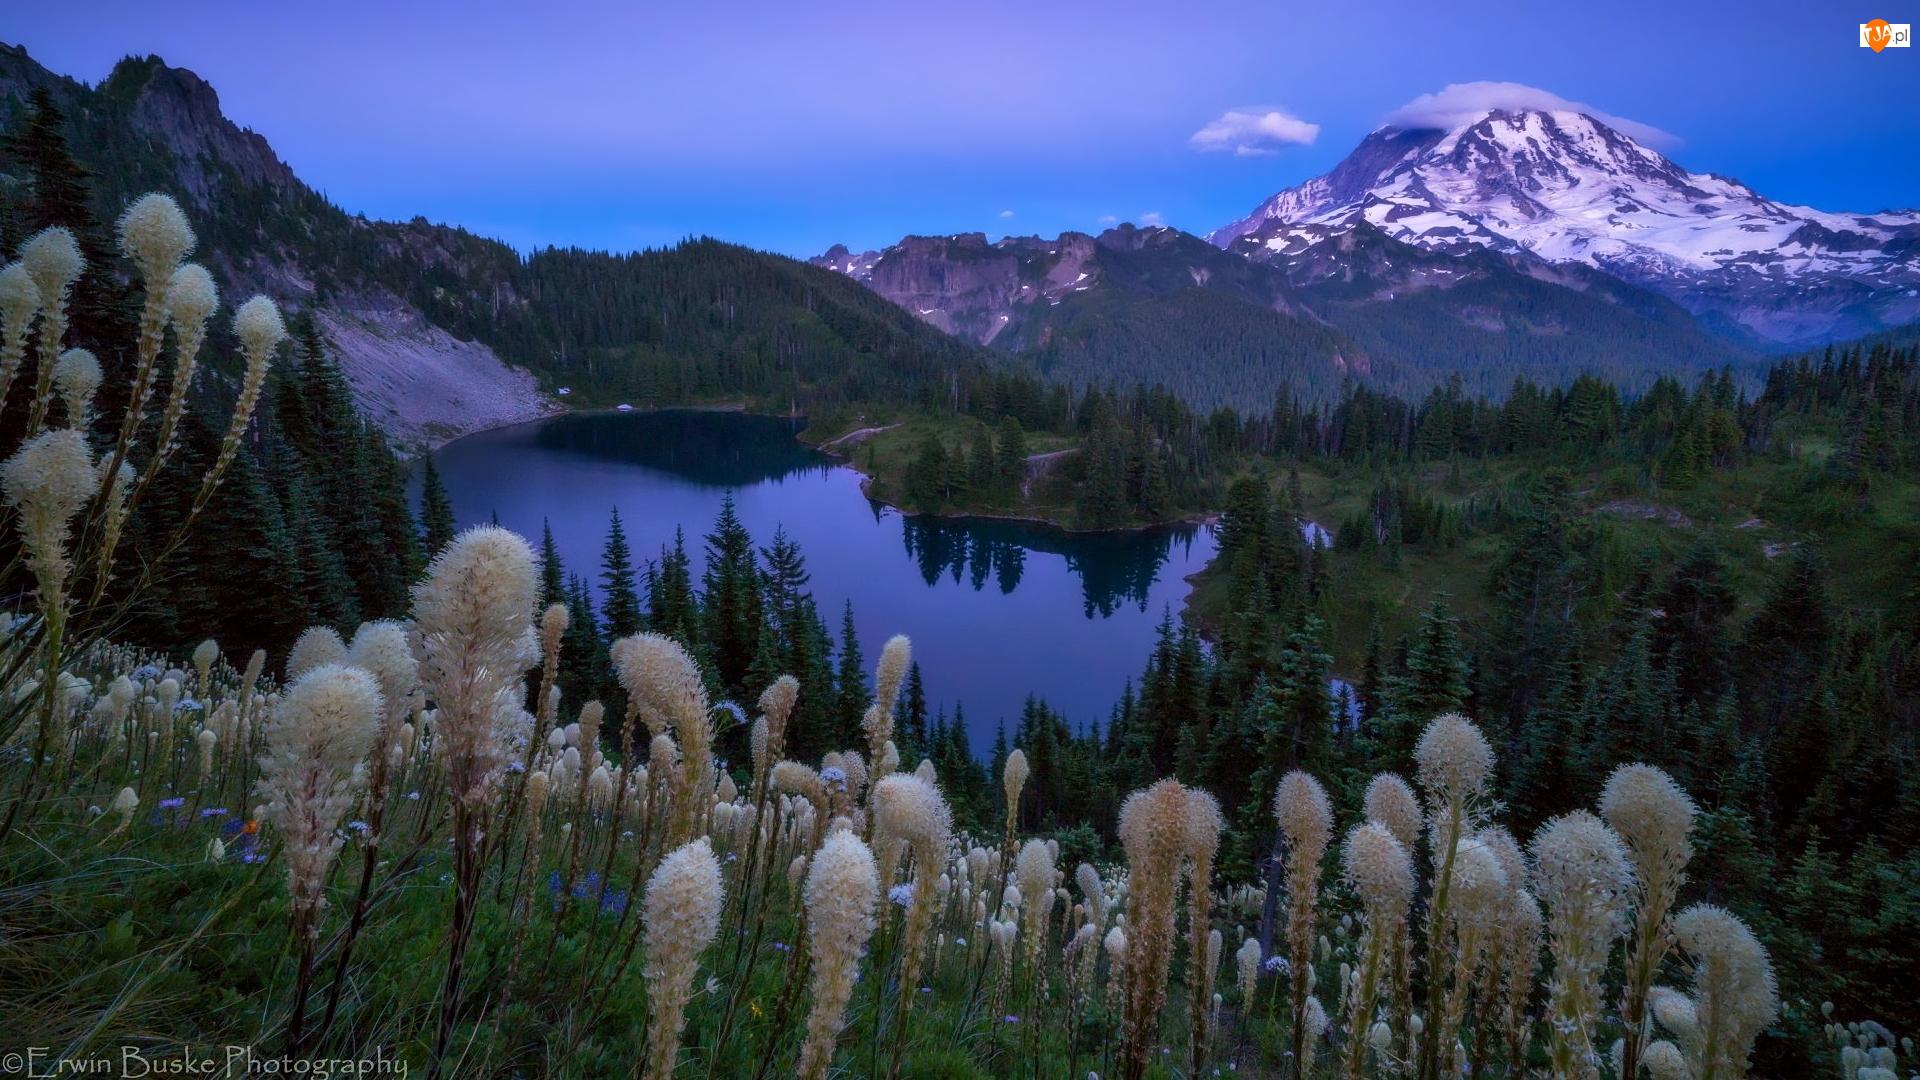 Góry, Drzewa, Wieczór, Jezioro, Rośliny, Stan Waszyngton, Stratowulkan Mount Rainier, Park Narodowy Mount Rainier, Zmierzch, Miądrzyga, Stany Zjednoczone